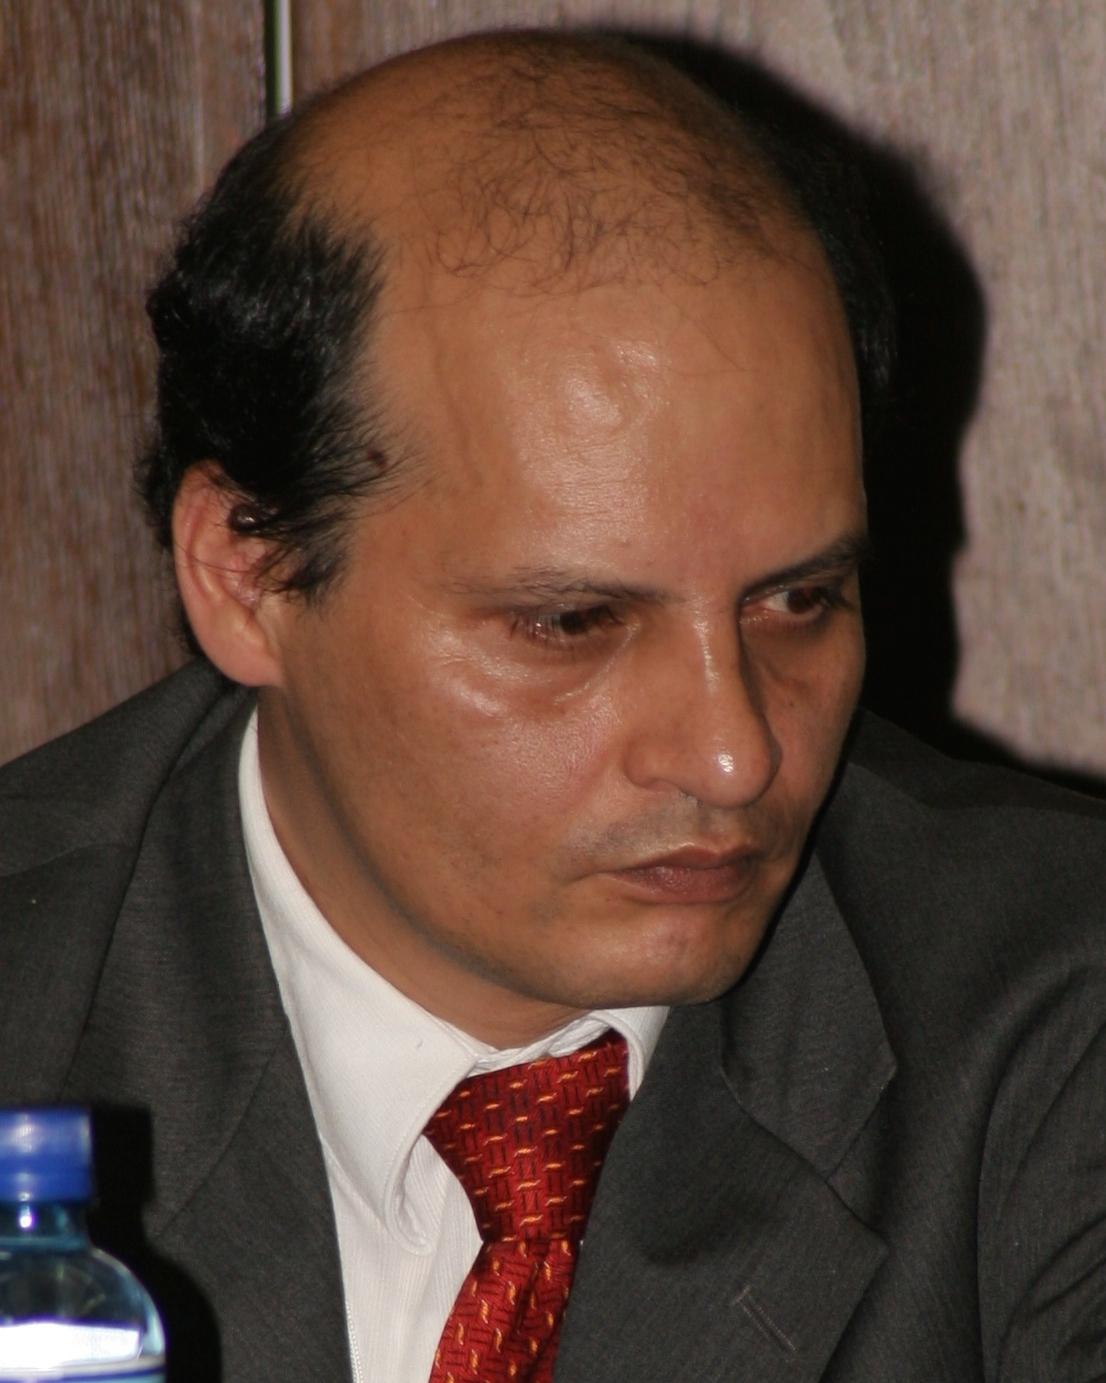 Juan Carlos Patiño